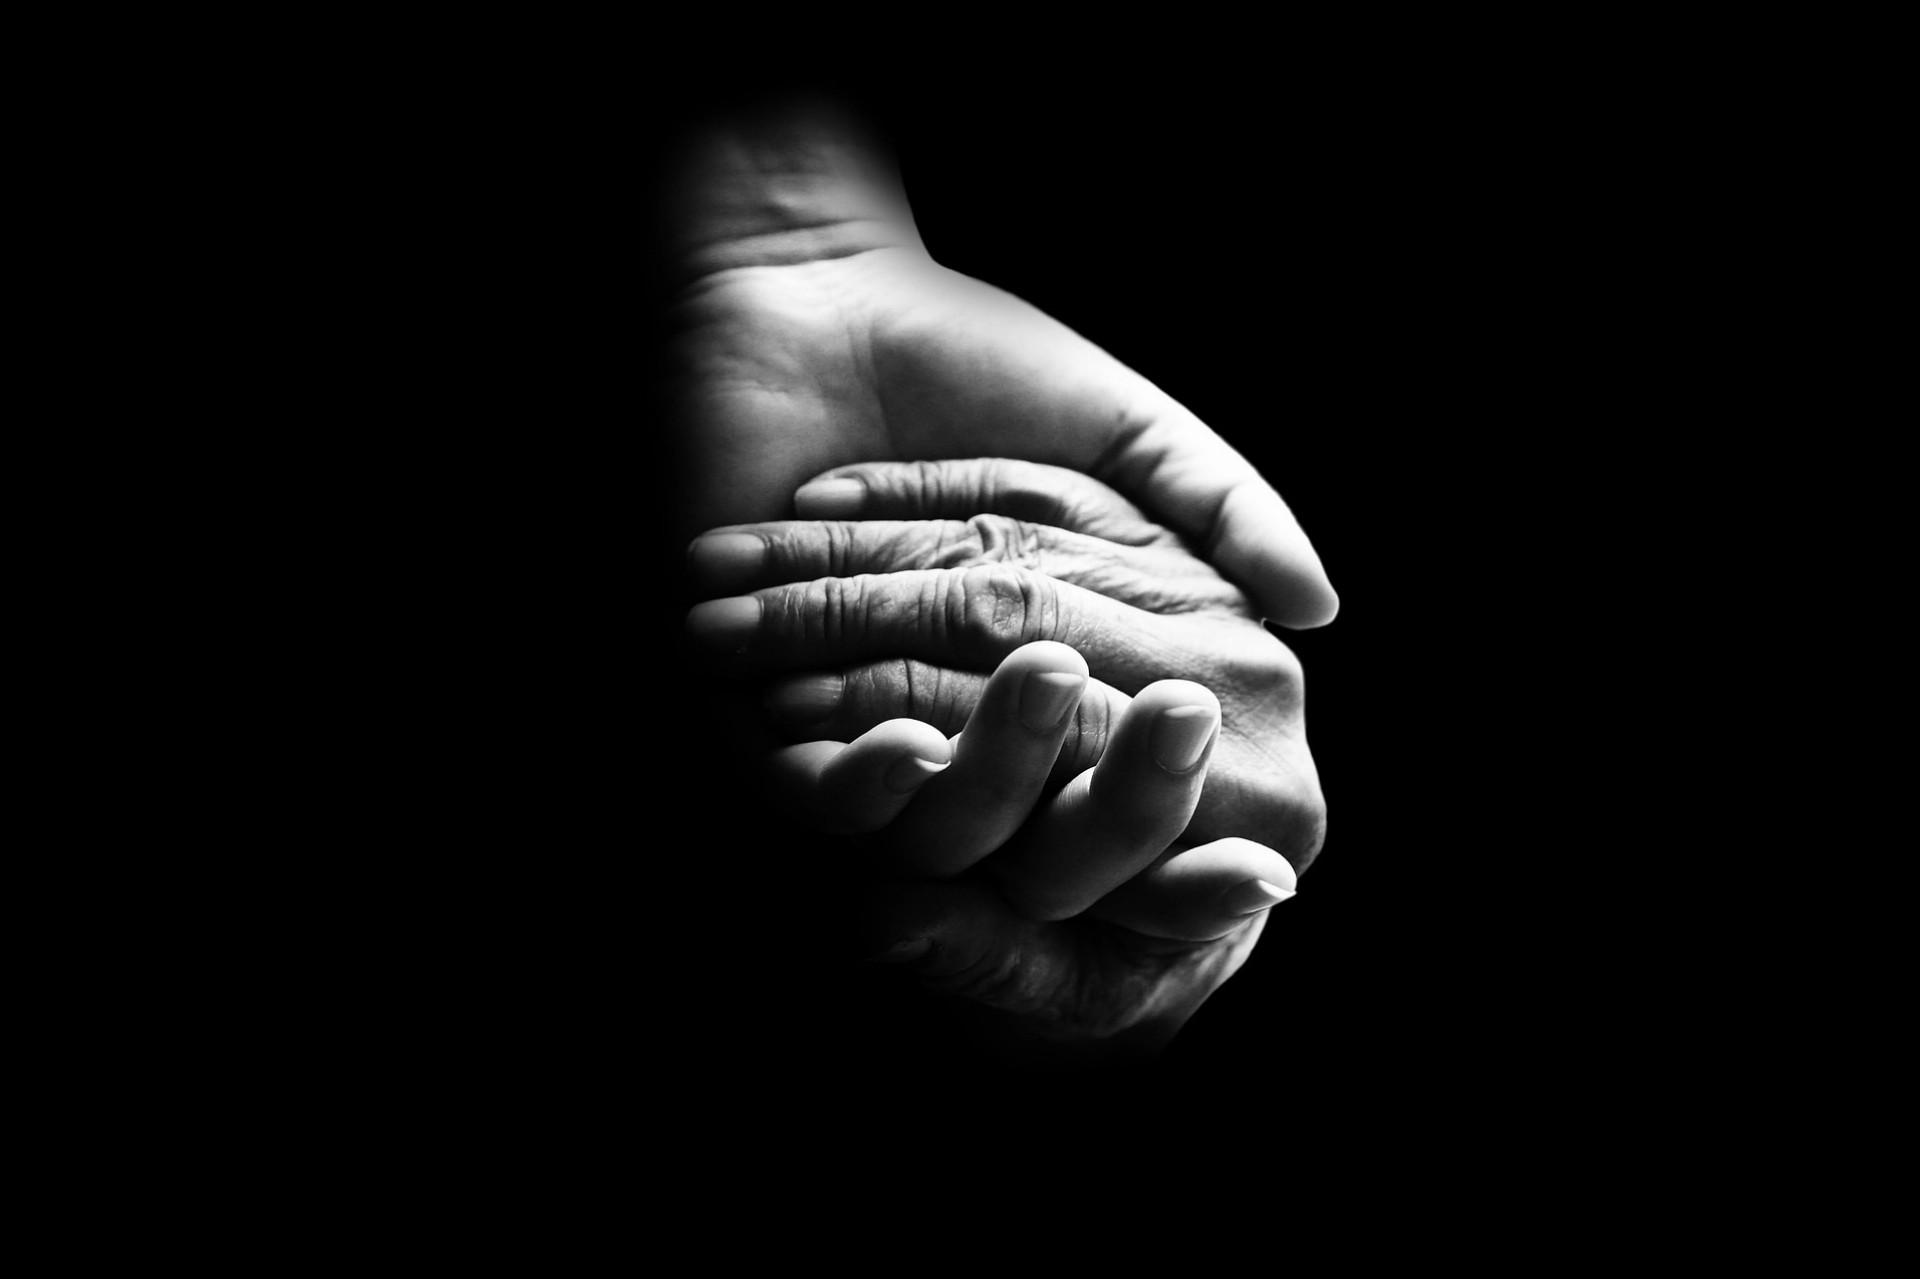 La empatía, una habilidad enfermera que se puede adquirir y potenciar